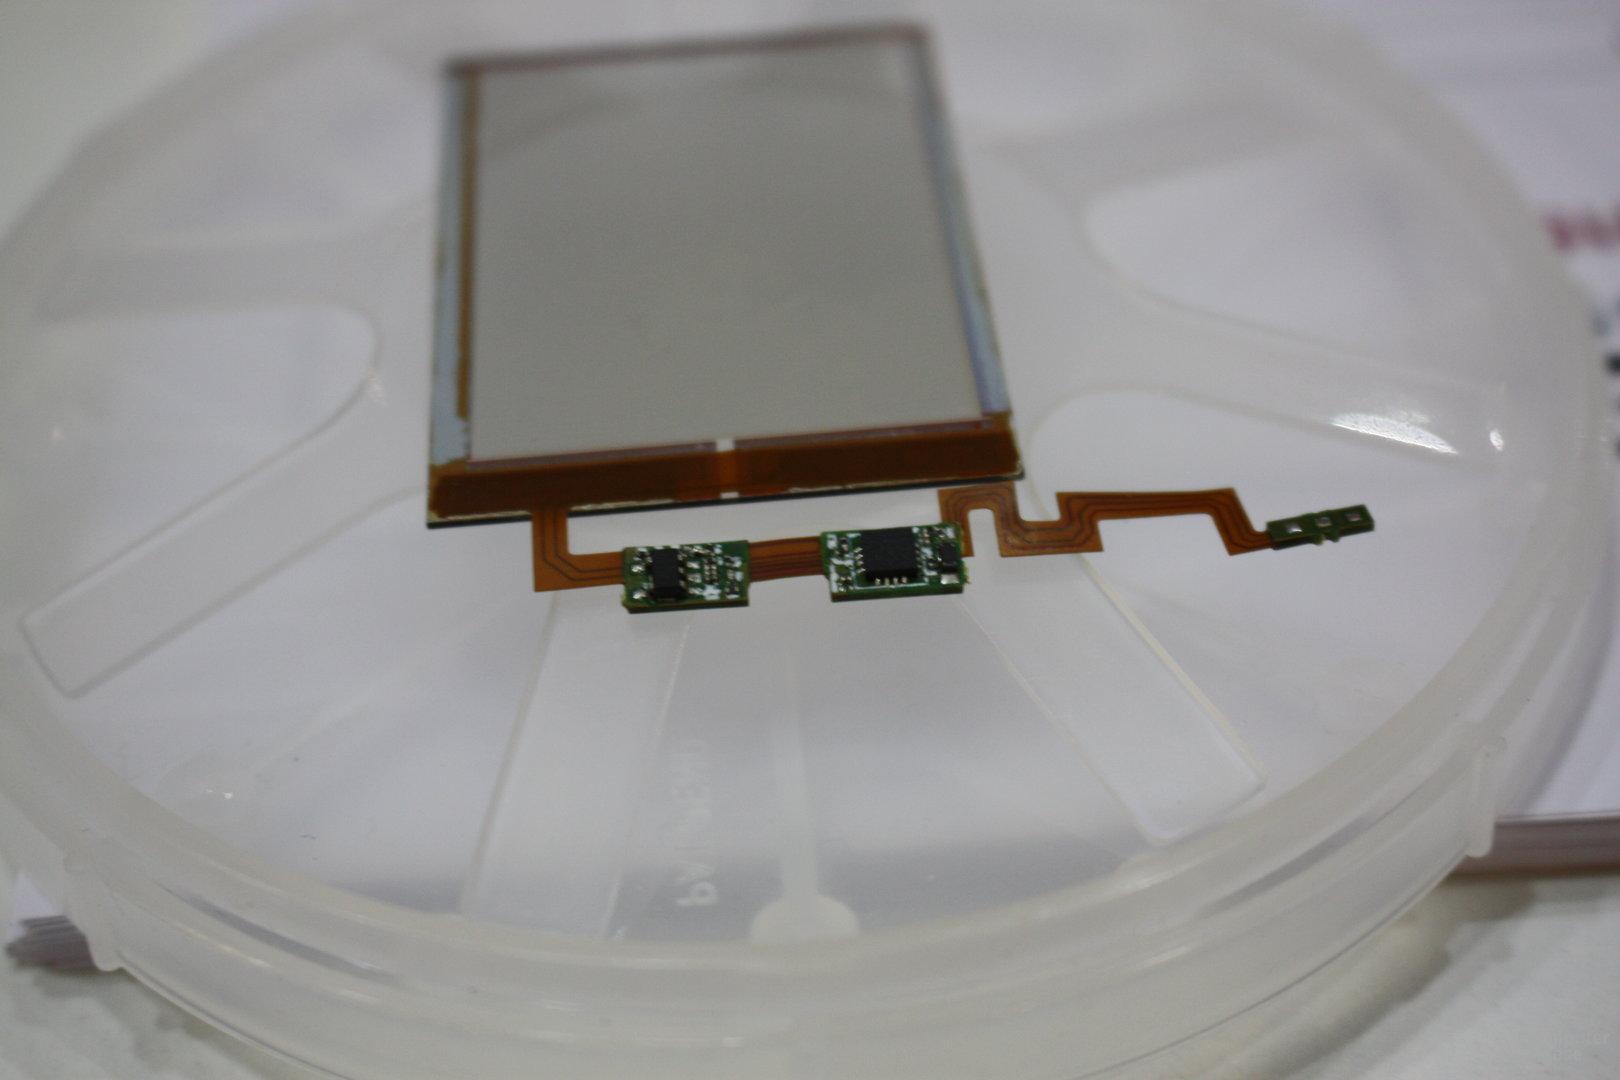 Solarpanel für den Einsatz unter dem Touchscreen